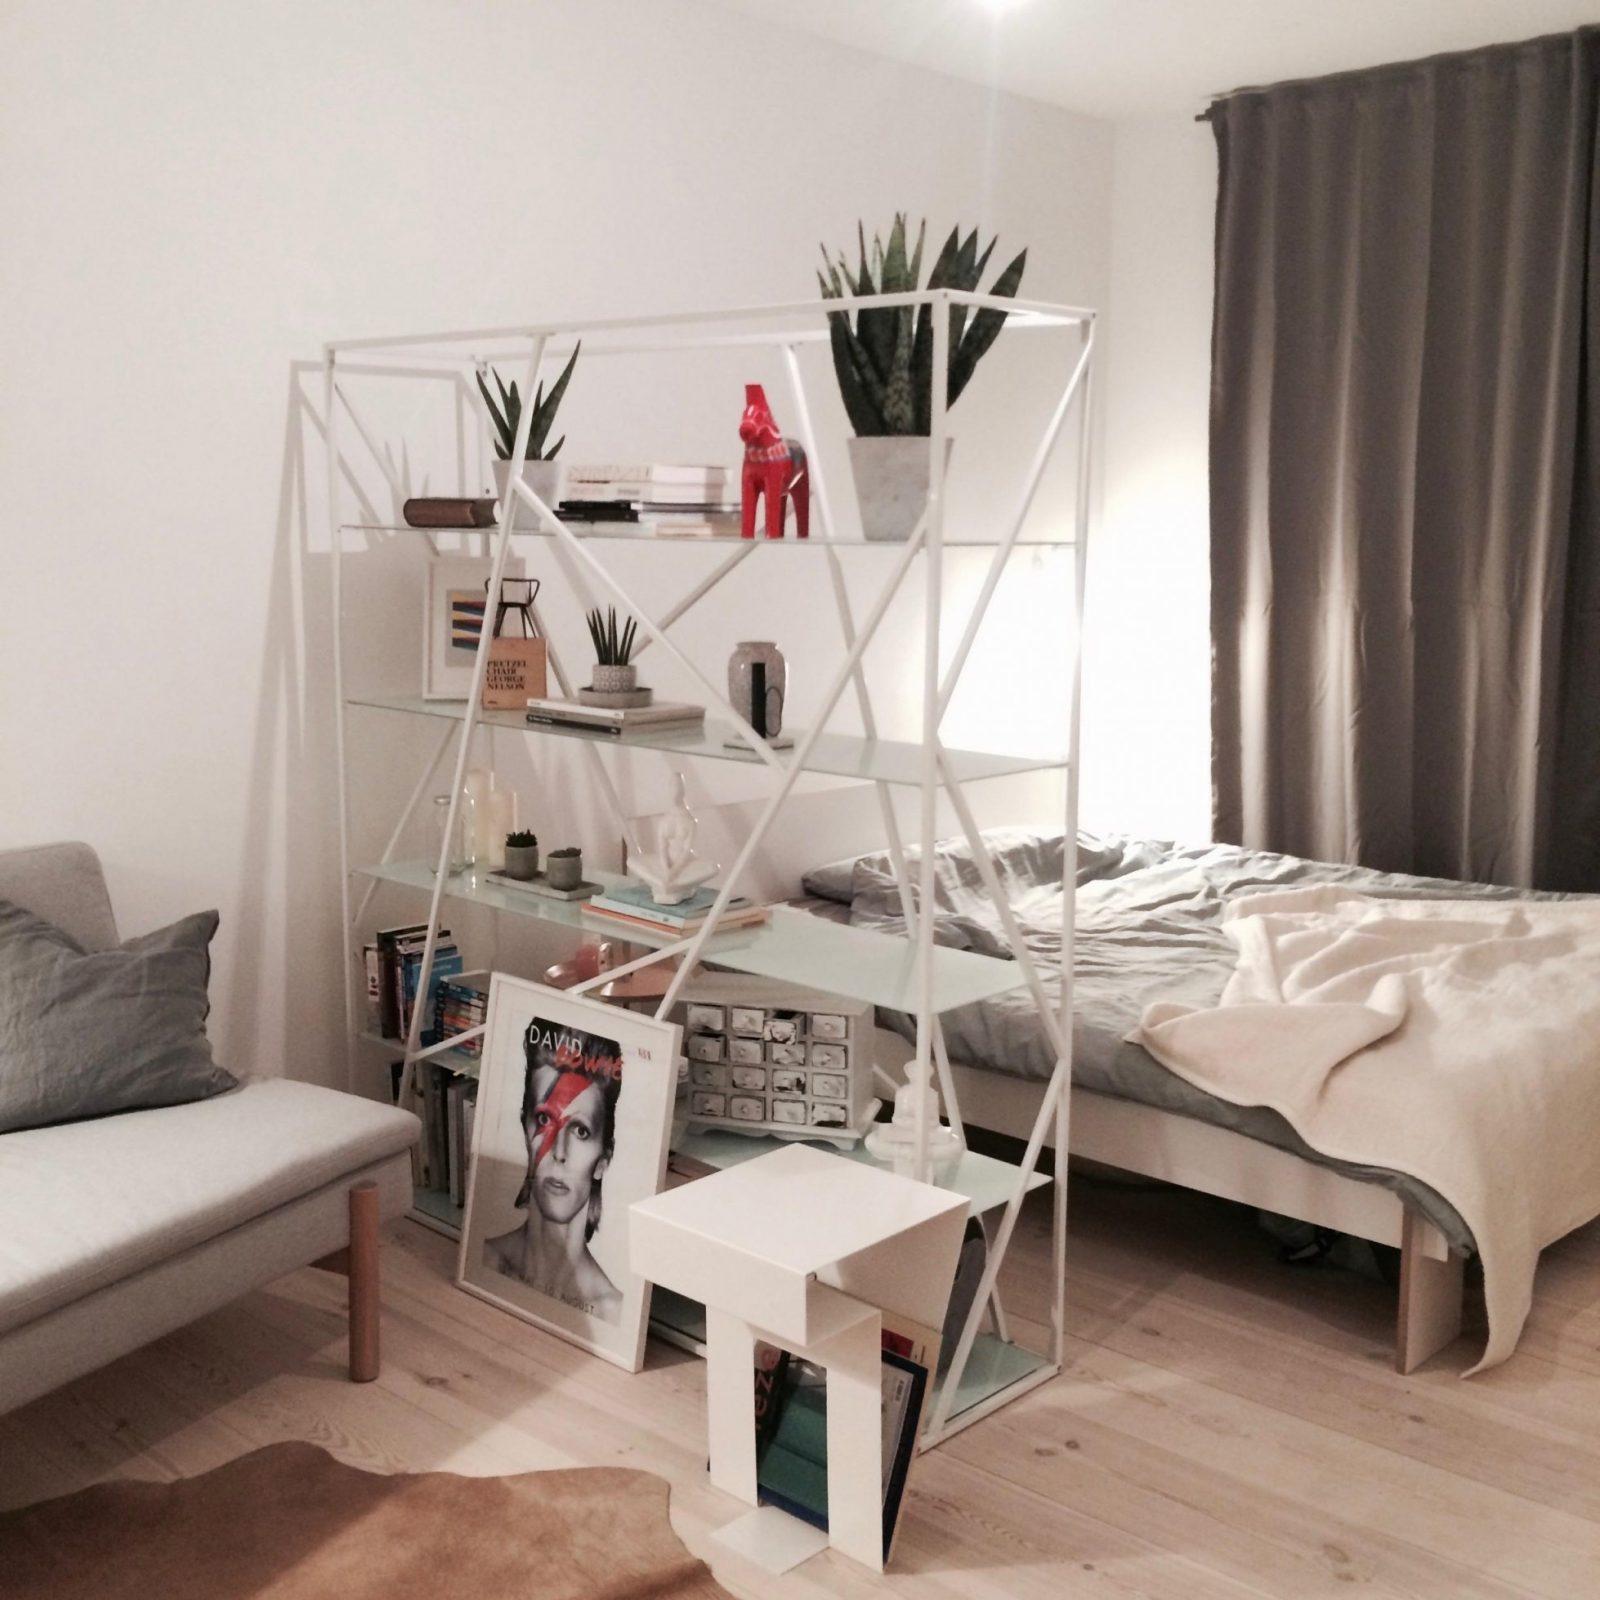 Raumteiler Kreativ Einsetzen Inspiration Bei Couch von Ausgefallene Ideen Zur Raumabtrennung Photo